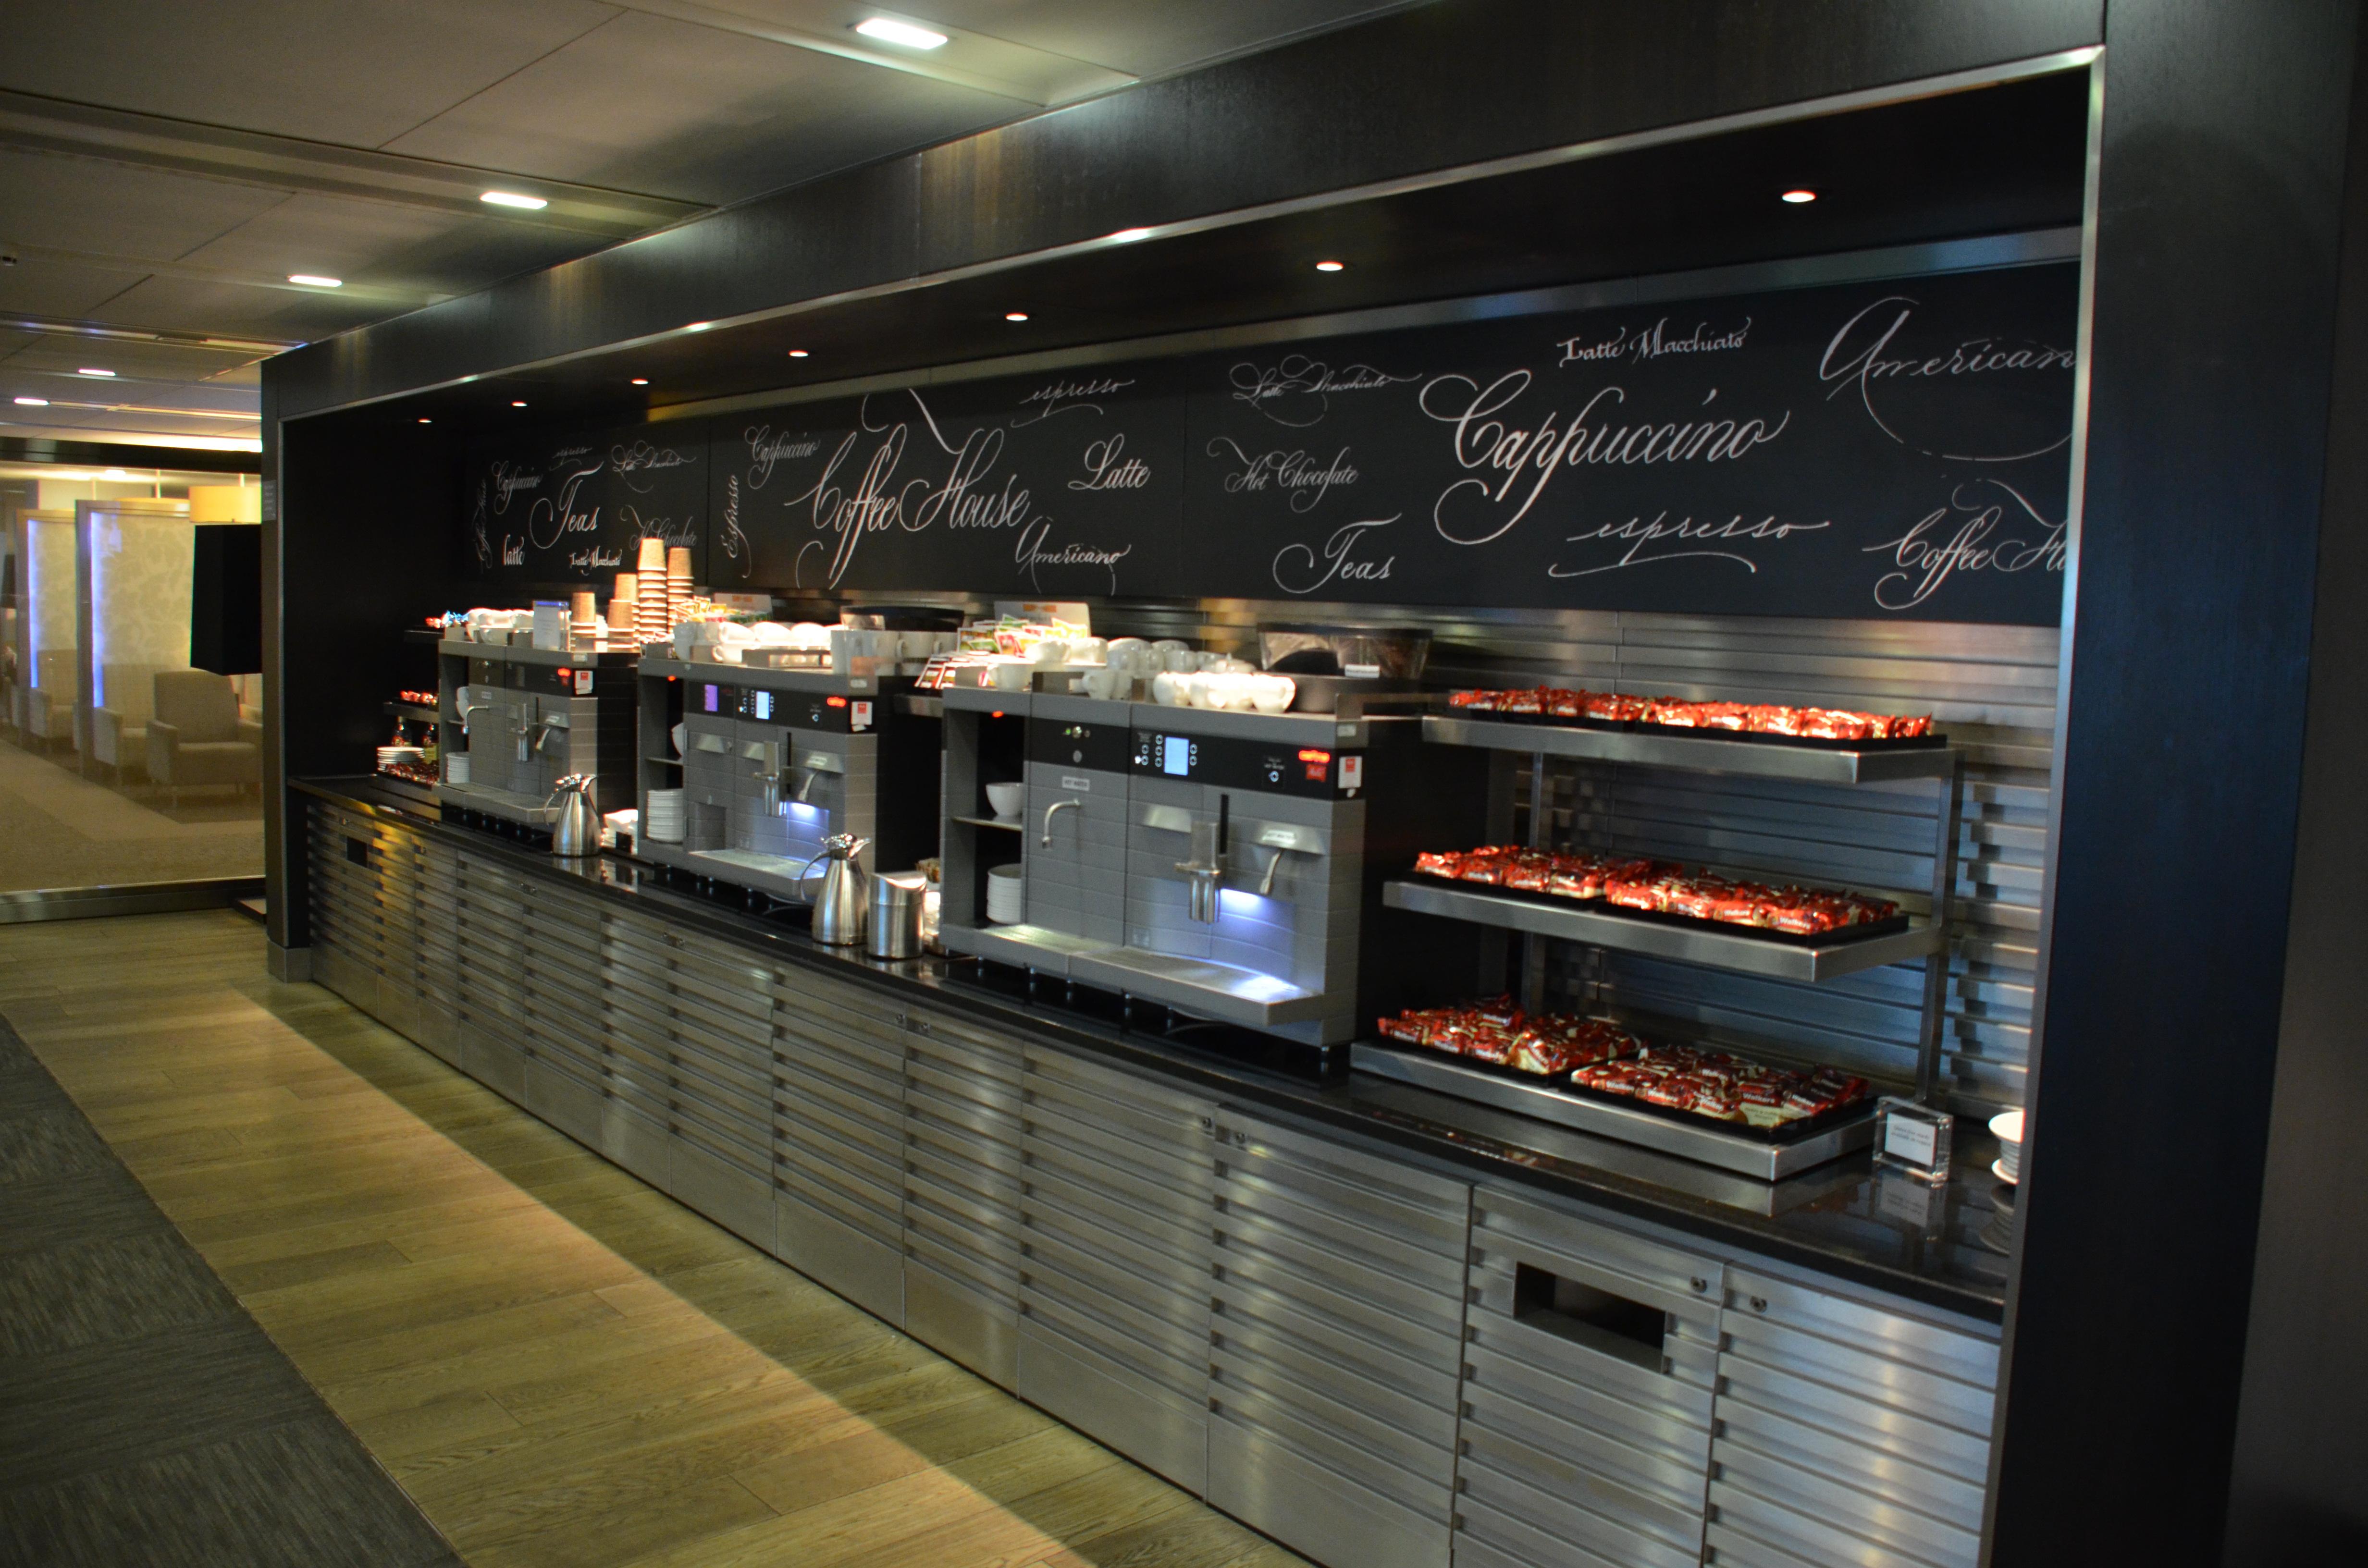 British Airways Galleries First Lounge London Heathrow